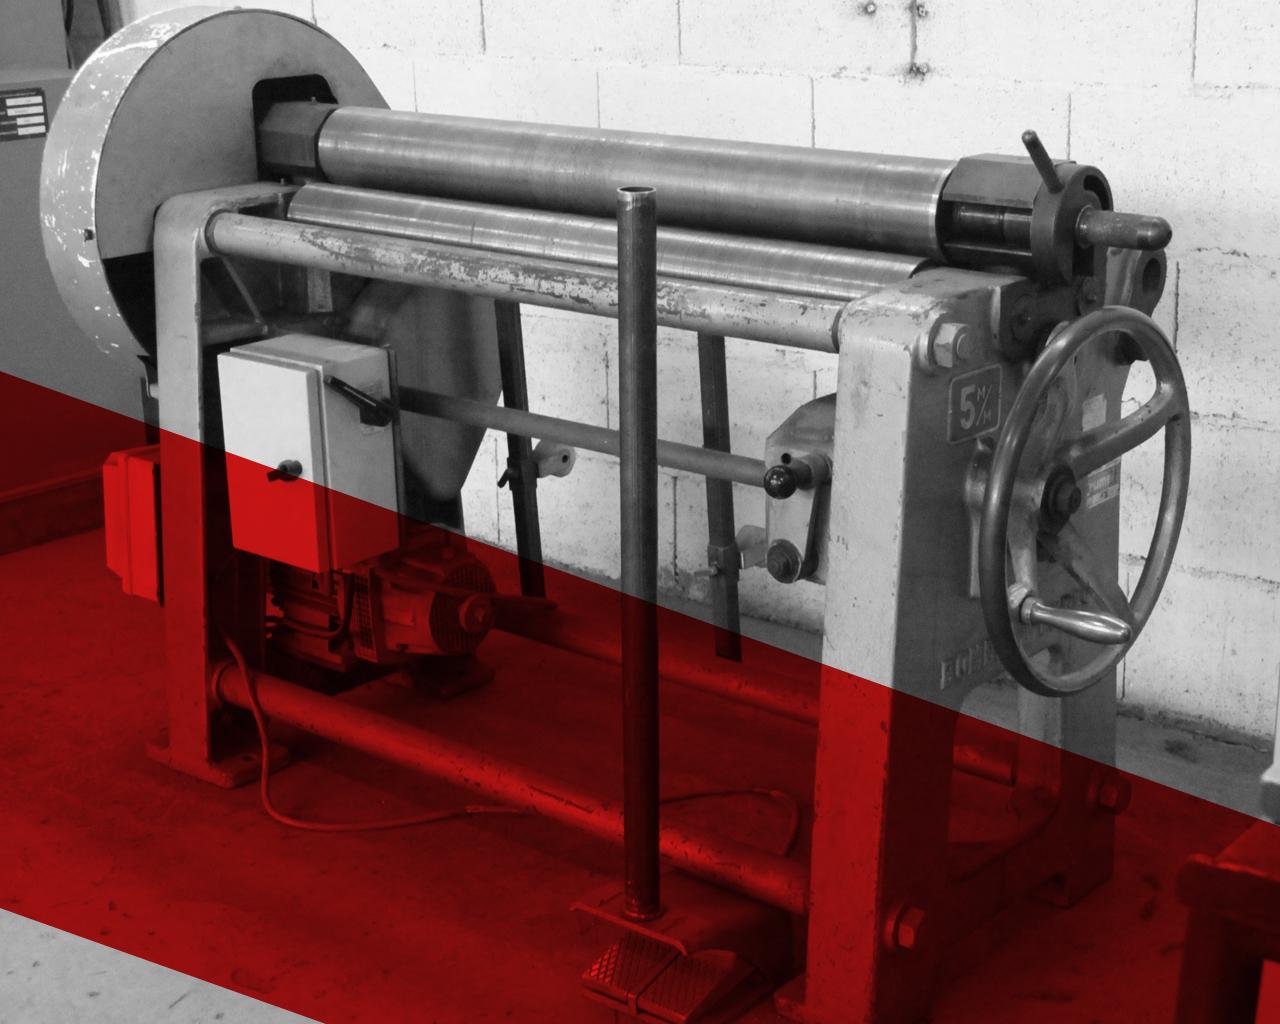 Rouleuse : capacité 5 mm sur une longueur de 1100 mm